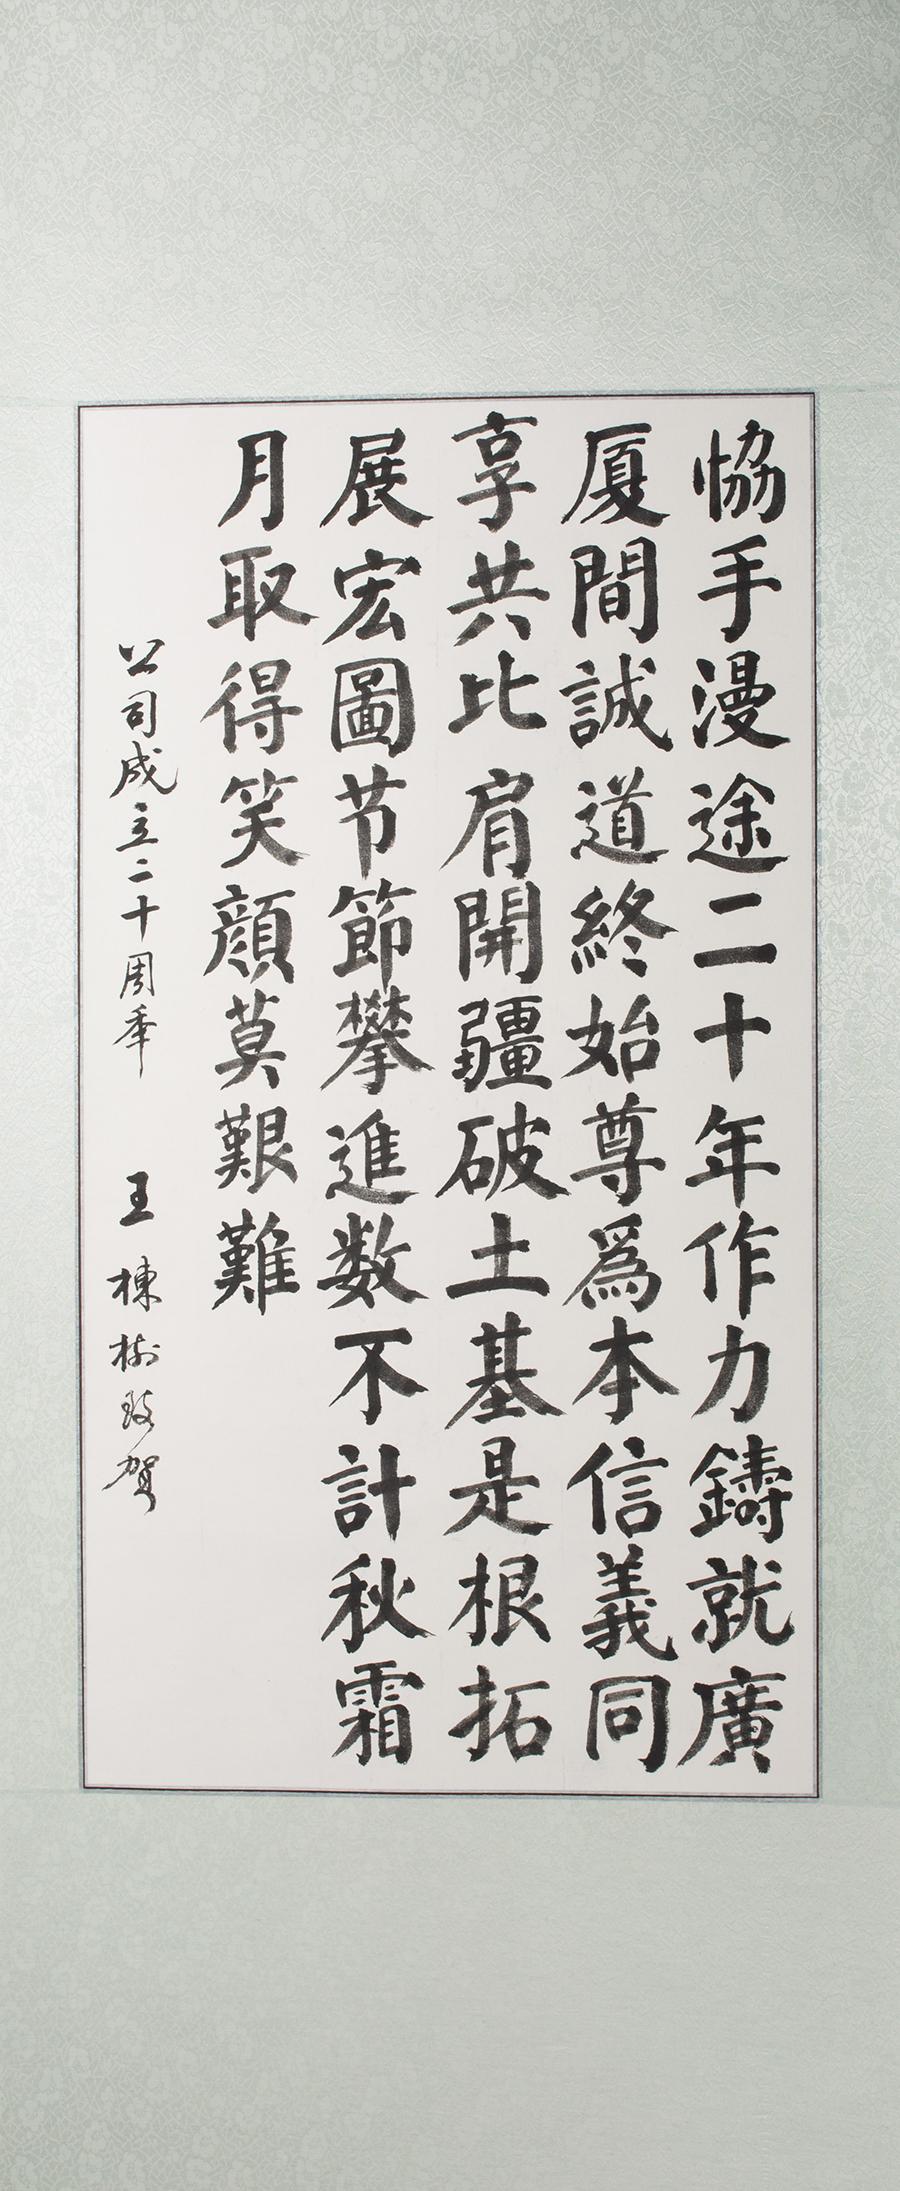 山西协诚建设工程项目管理有限公司  项目总监 王栋树13934387627